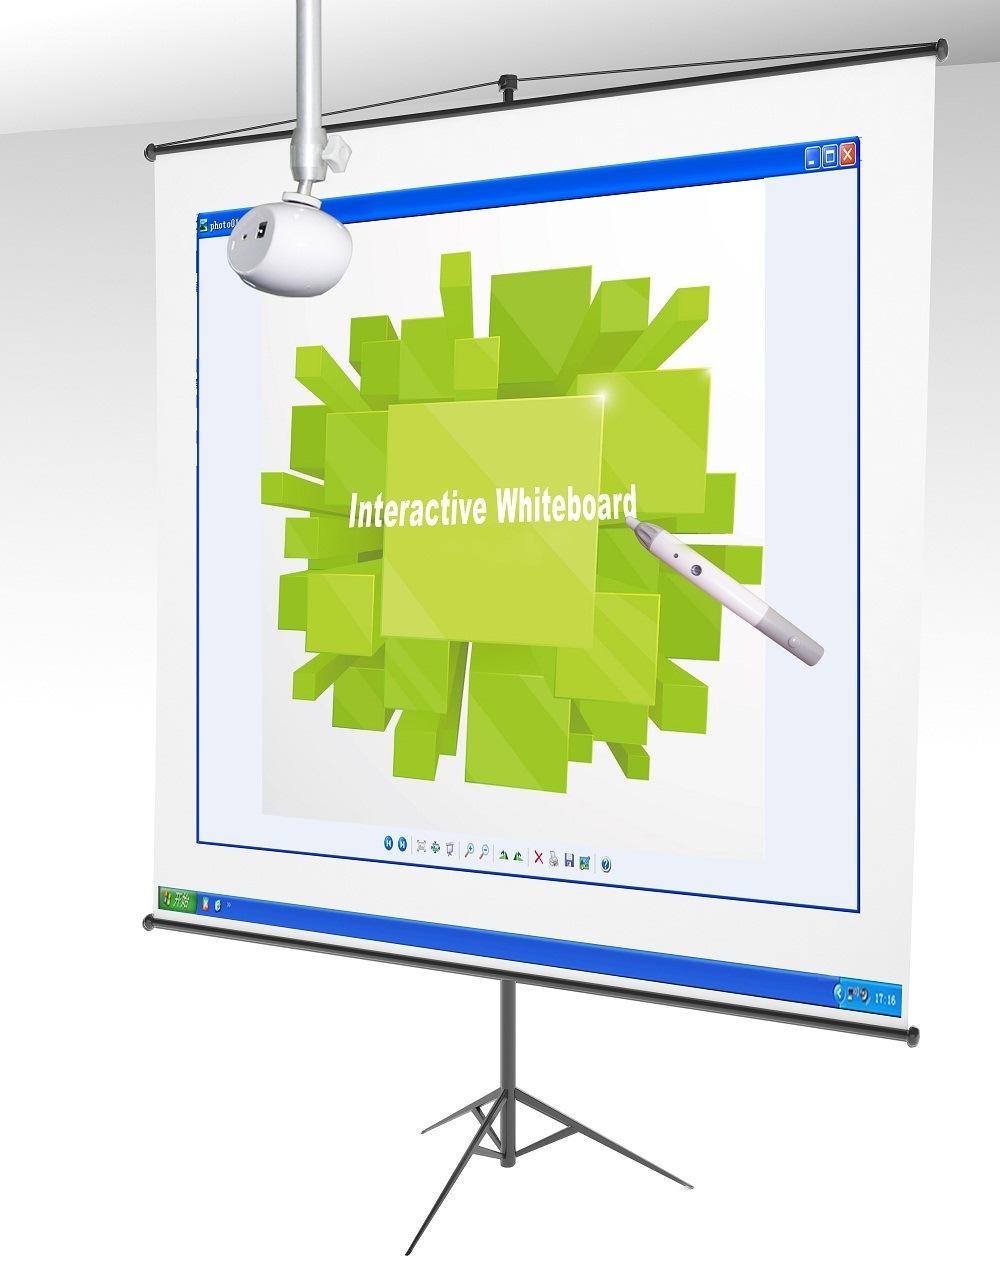 Rj20-Remote Interactive Whiteboard